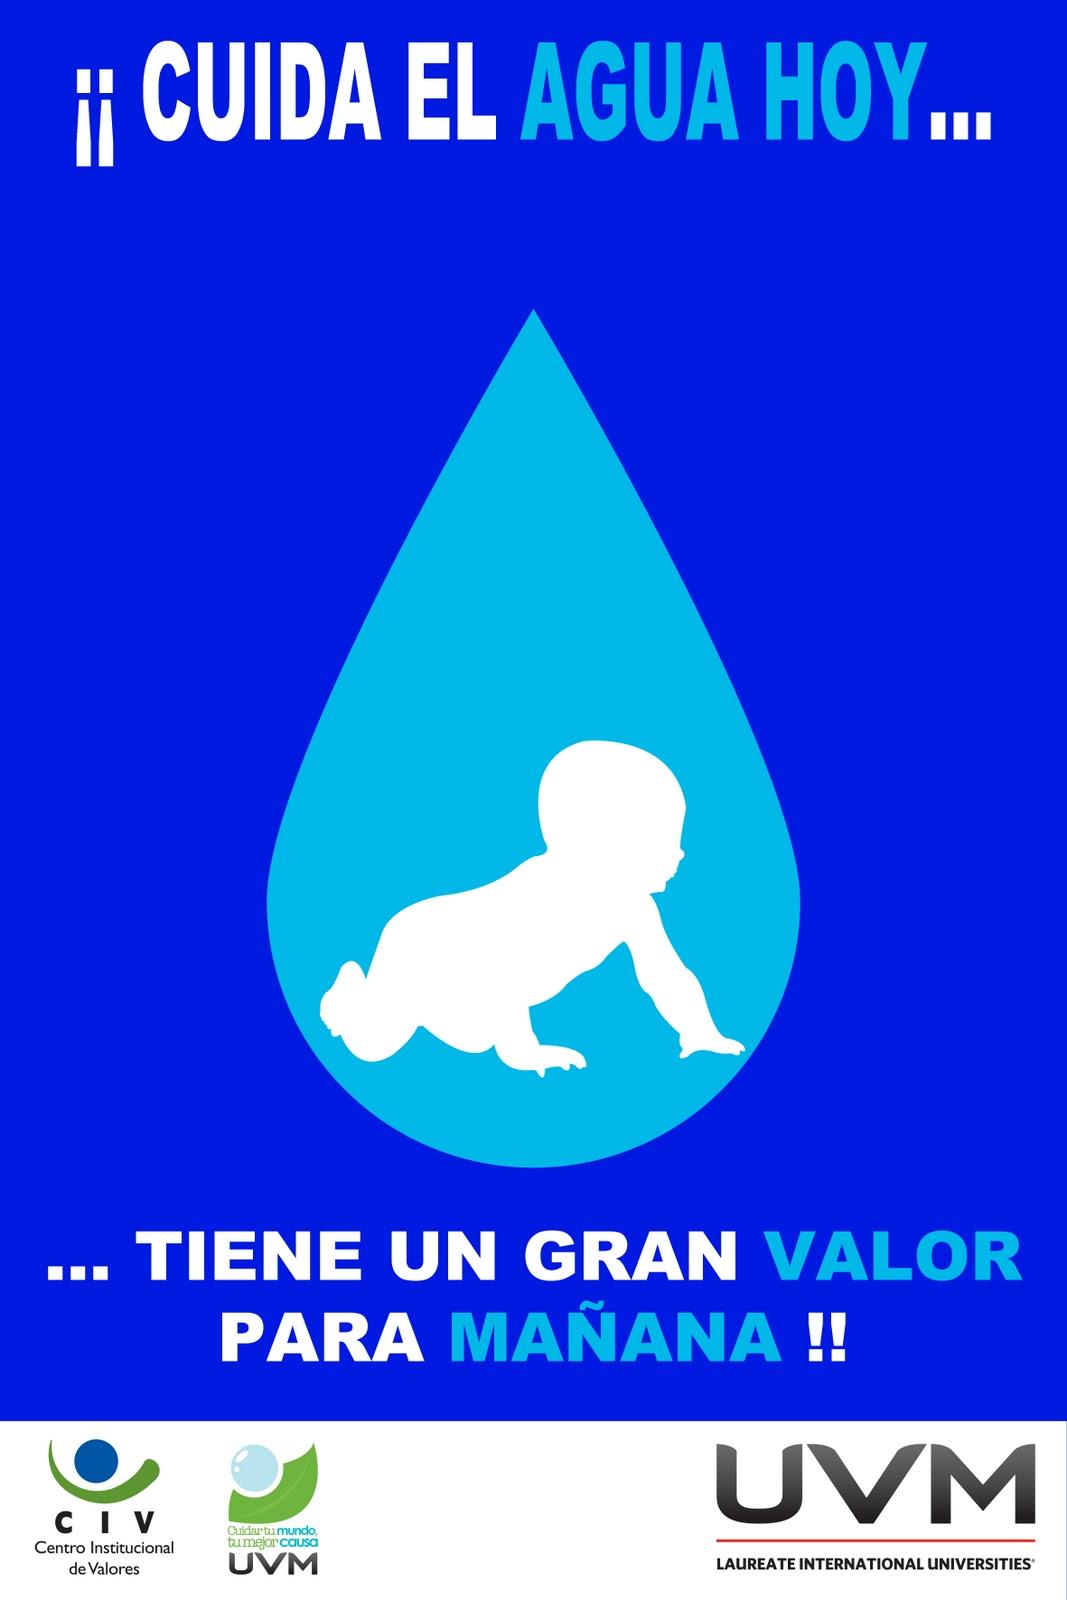 El Cartel Ilustrado: Cartel 5 - Cuidar el agua